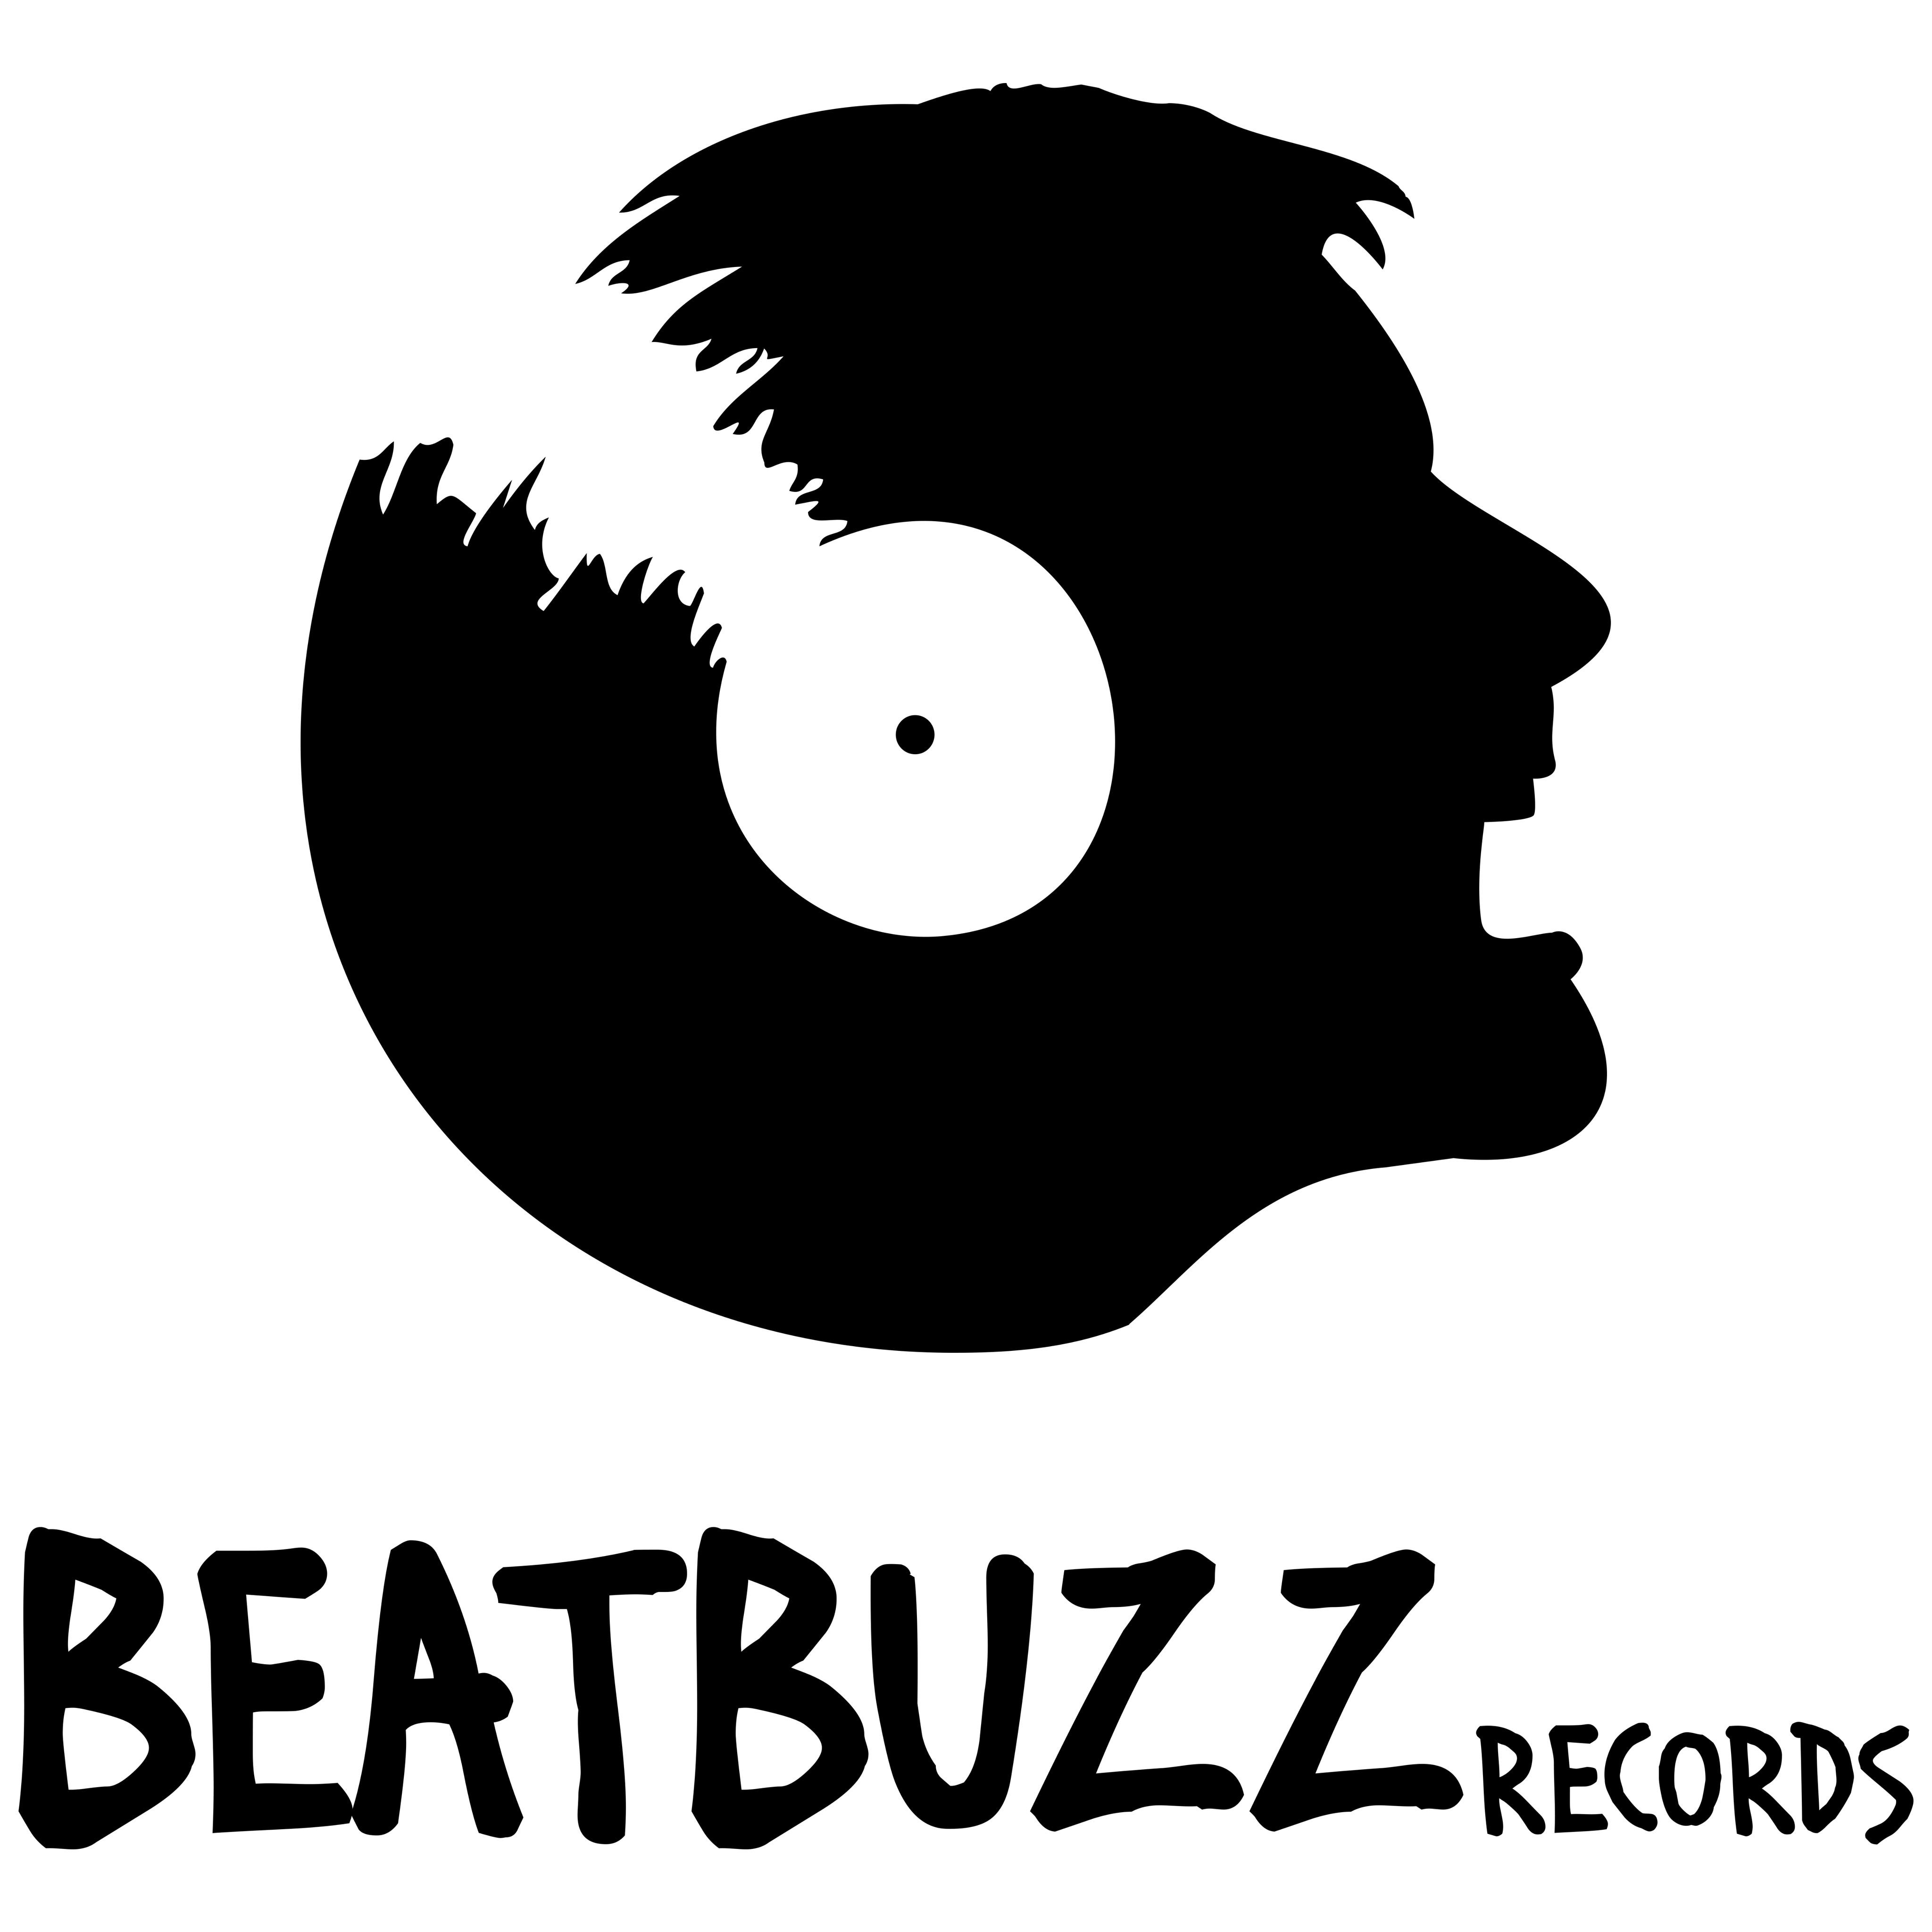 Beatbuzz Records